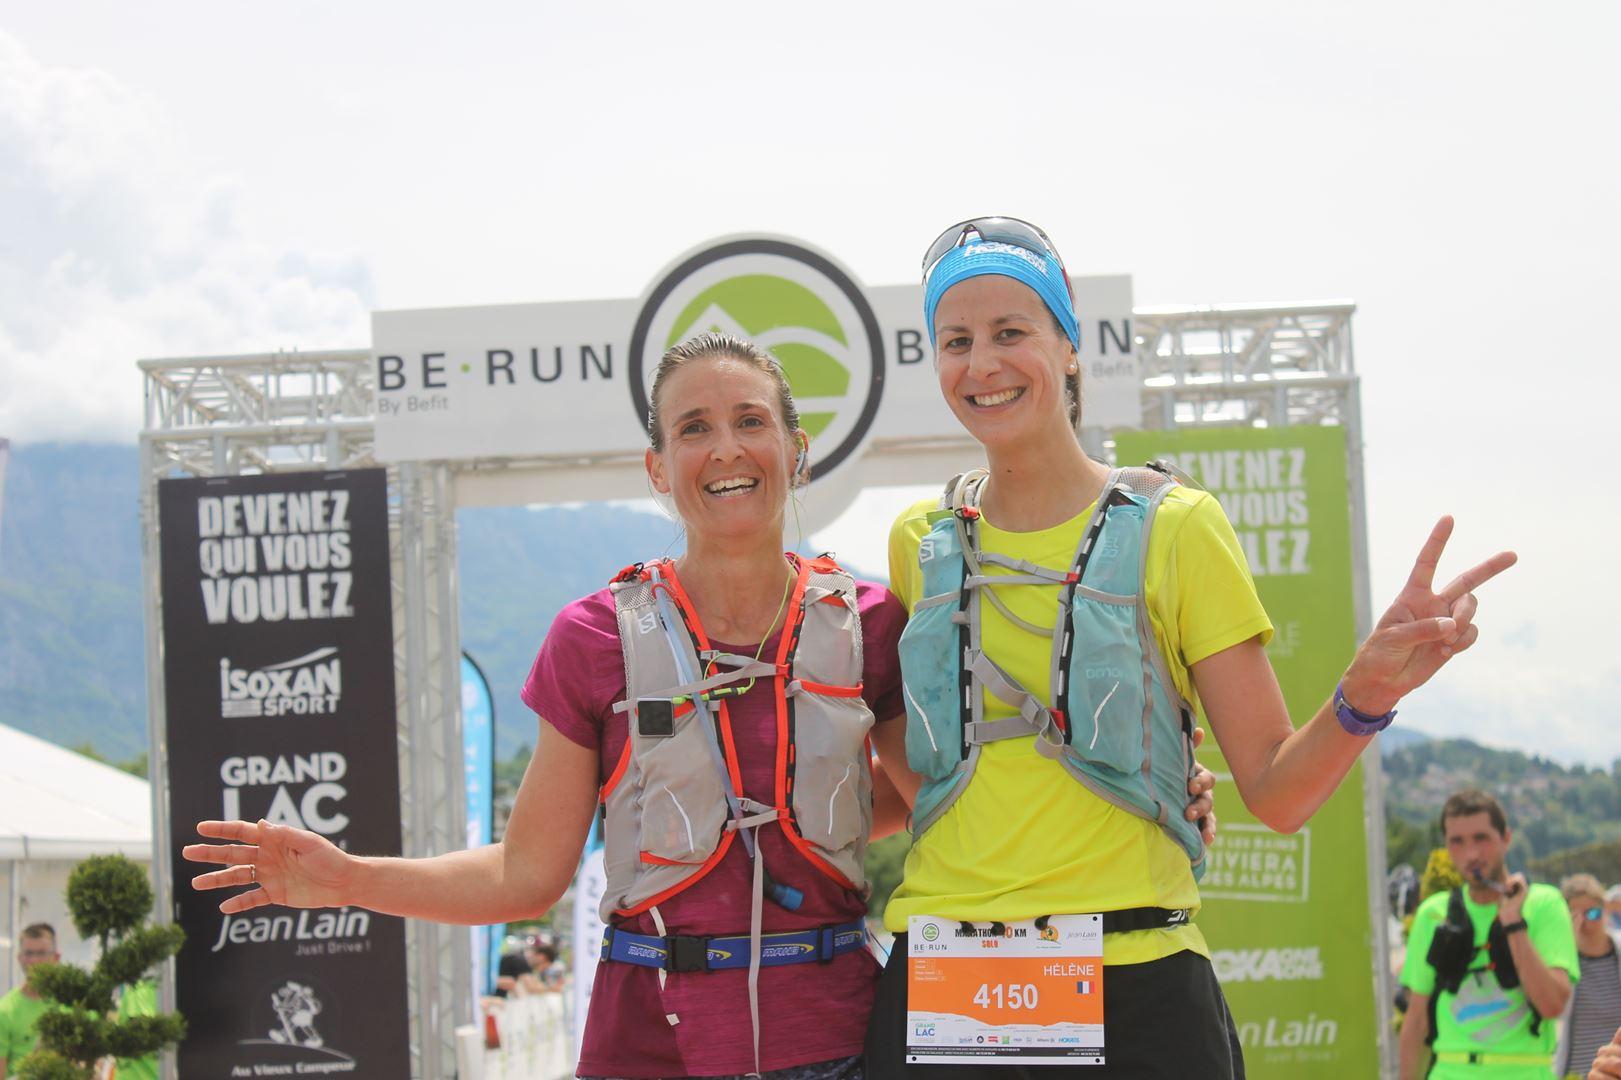 2ème et 3ème filles du 40km - RESULTATS ET PHOTOS DU TRAIL BE RUN - DUINGT (74)-AIX LES BAINS (73) - 14-05-2017